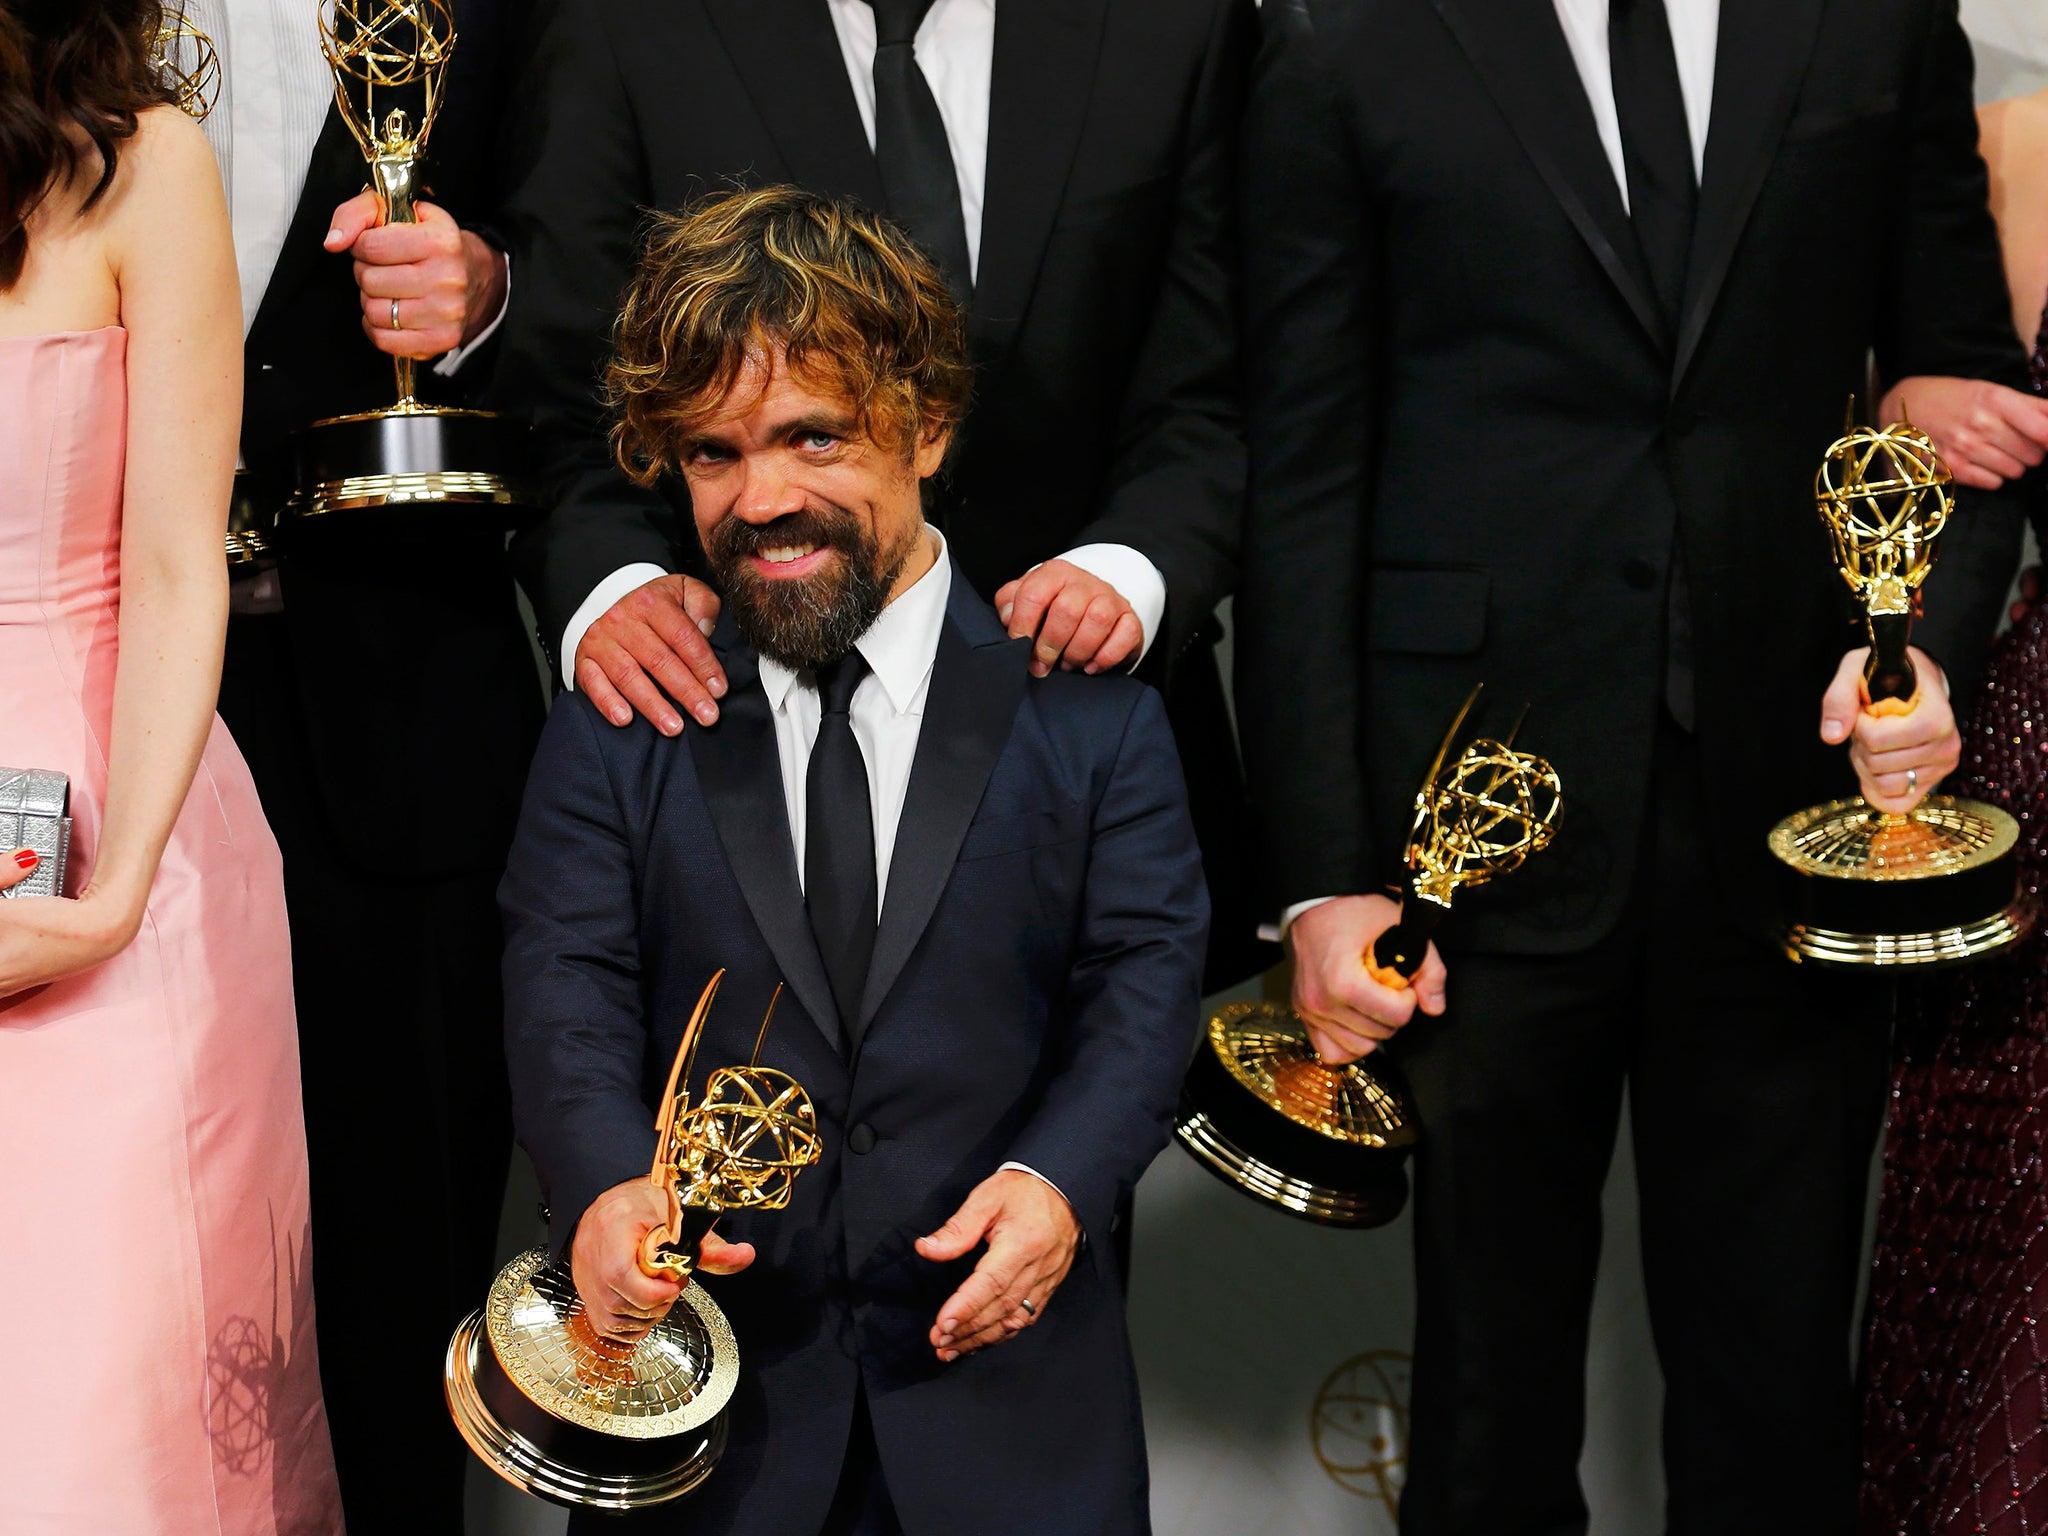 peter dinklage joins cast of in bruges director s new film ^peter dinklage joins cast of in bruges director s new film